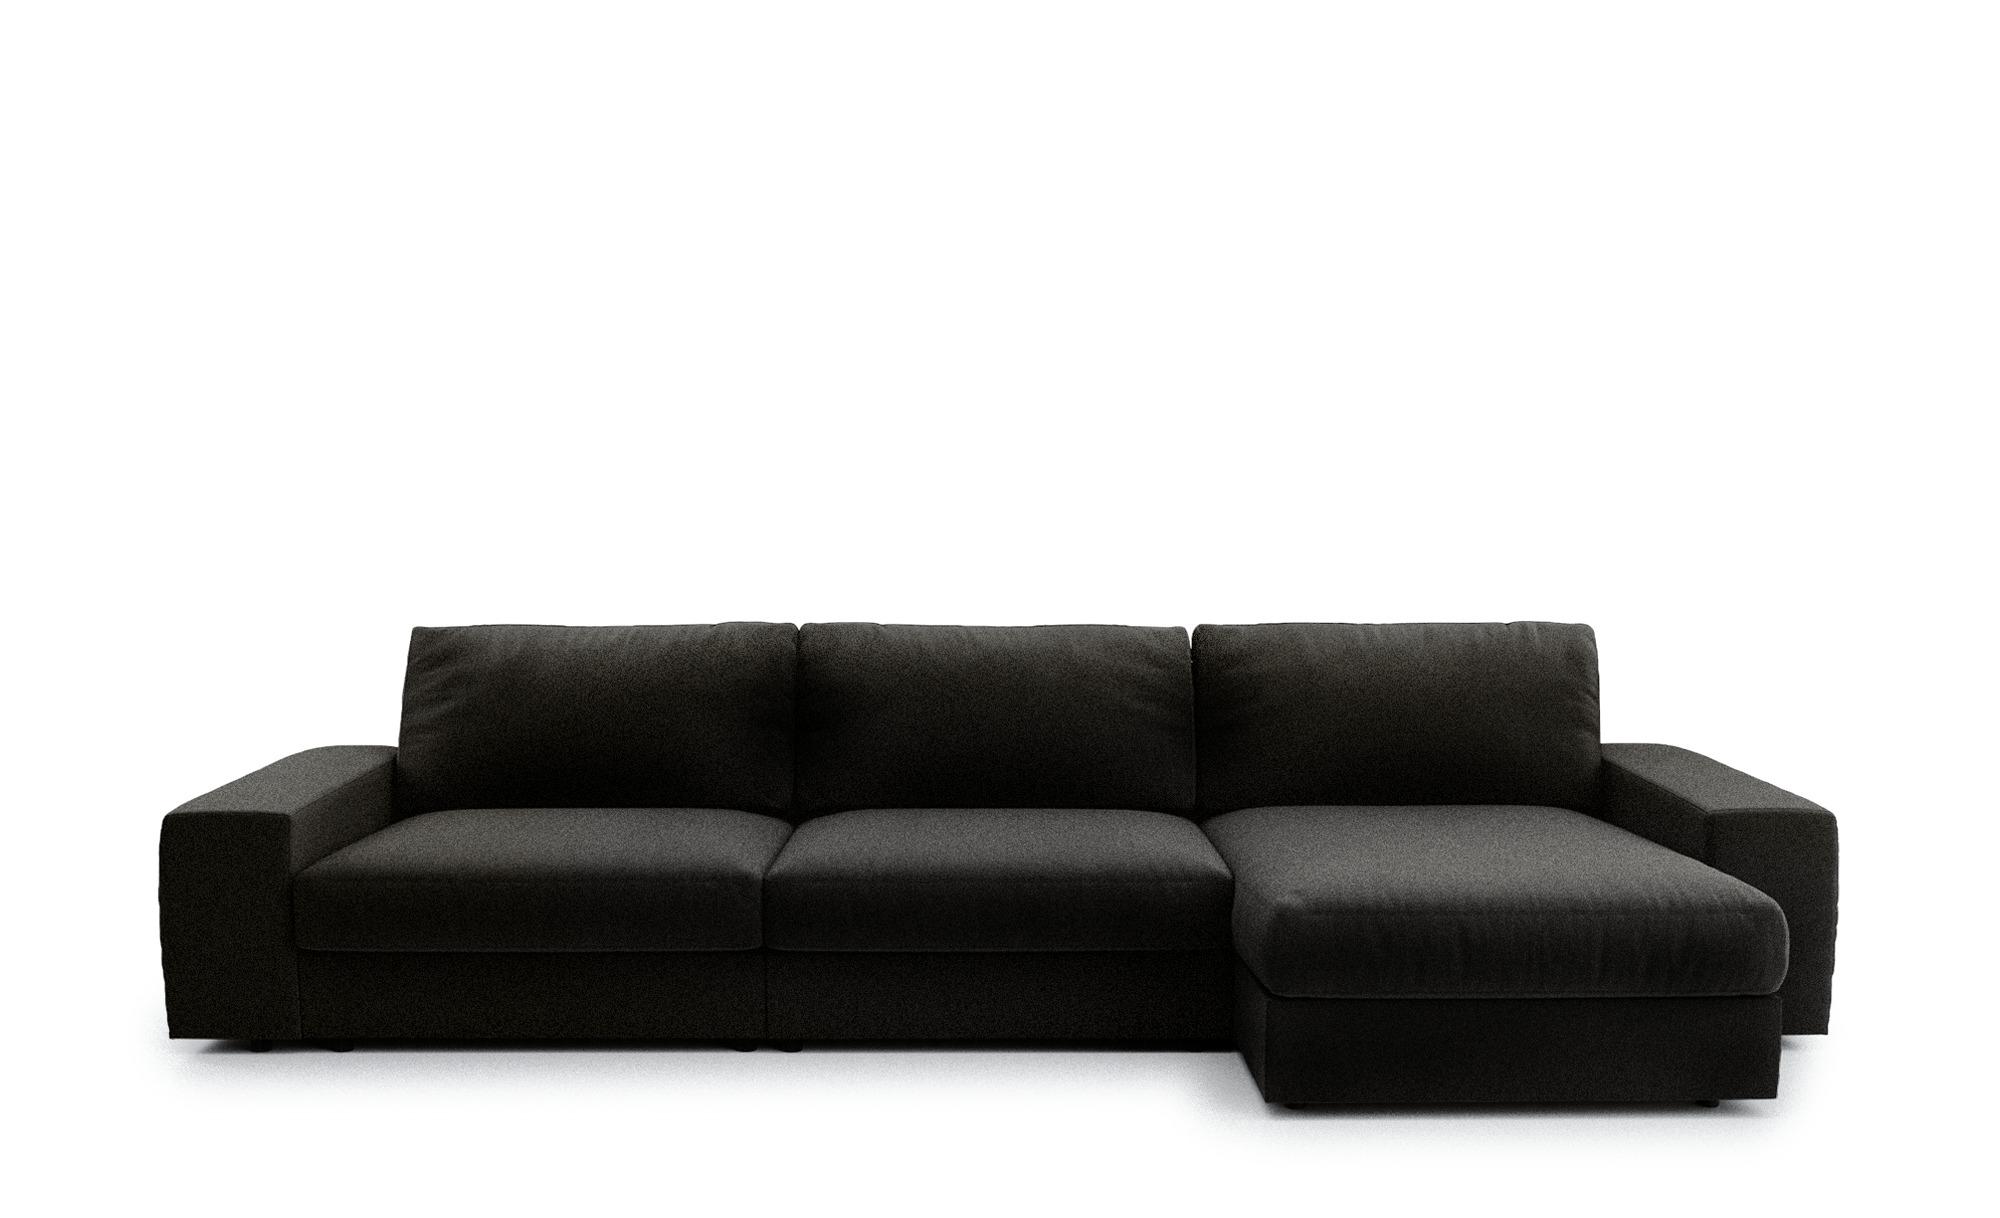 ecksofa brooke breite h he 88 cm braun online kaufen bei. Black Bedroom Furniture Sets. Home Design Ideas